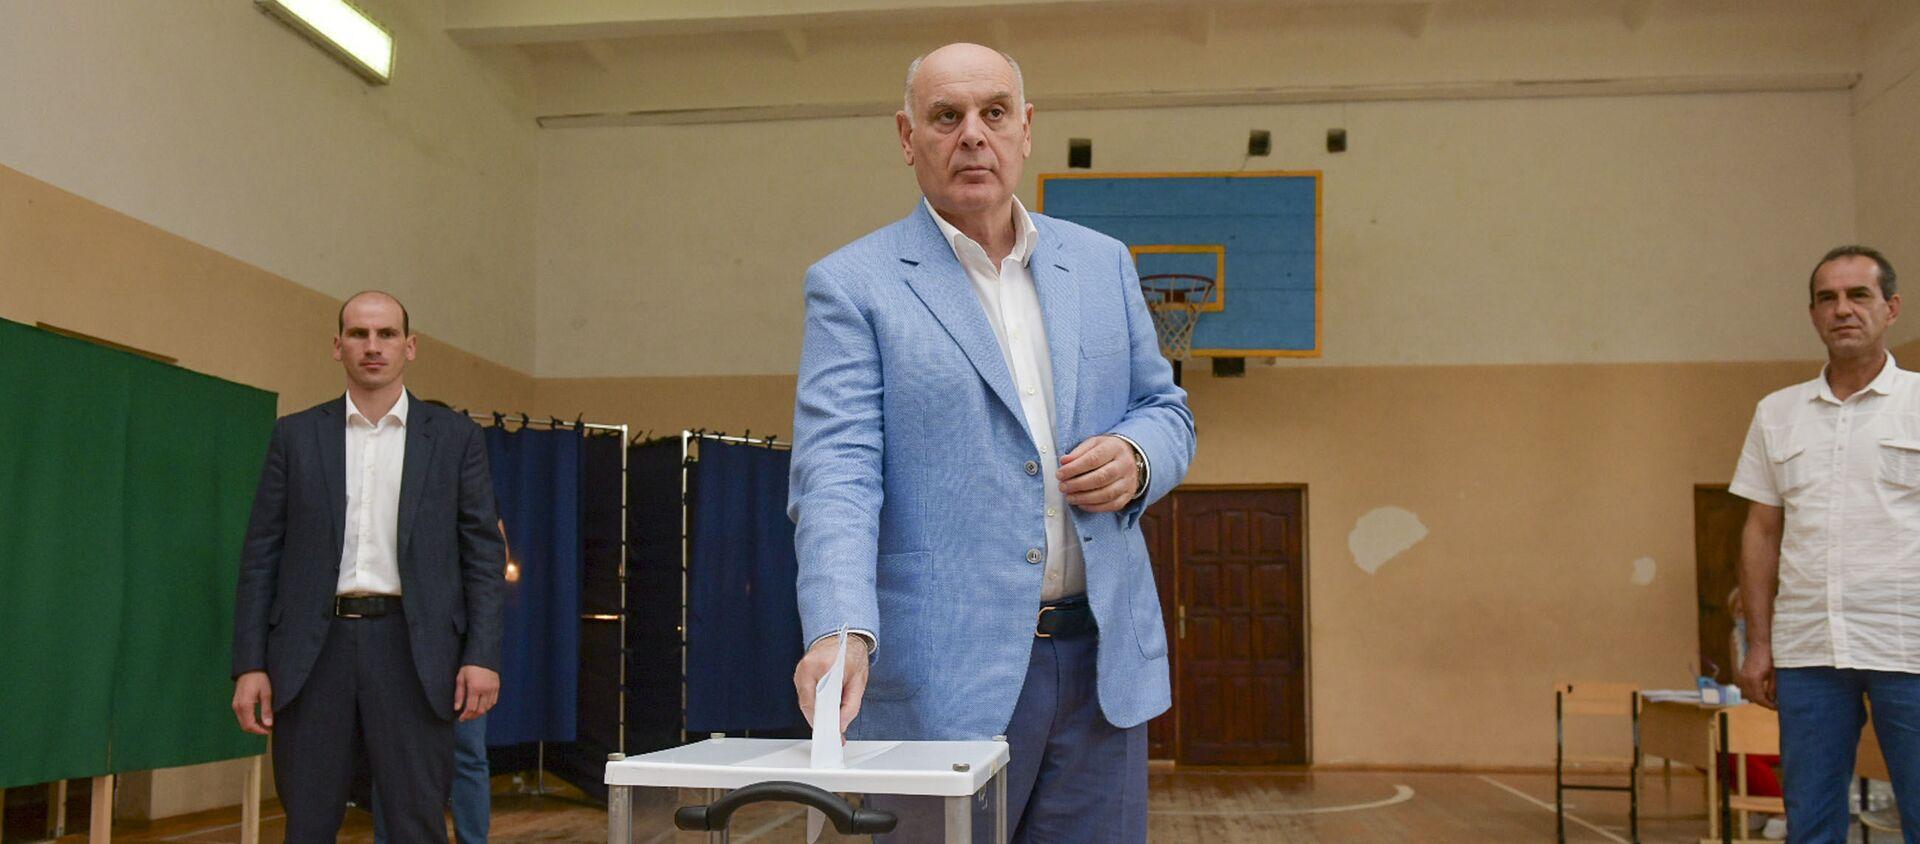 Аслан Бжания проголосовал на выборах в Госдуму России - Sputnik Абхазия, 1920, 19.09.2021